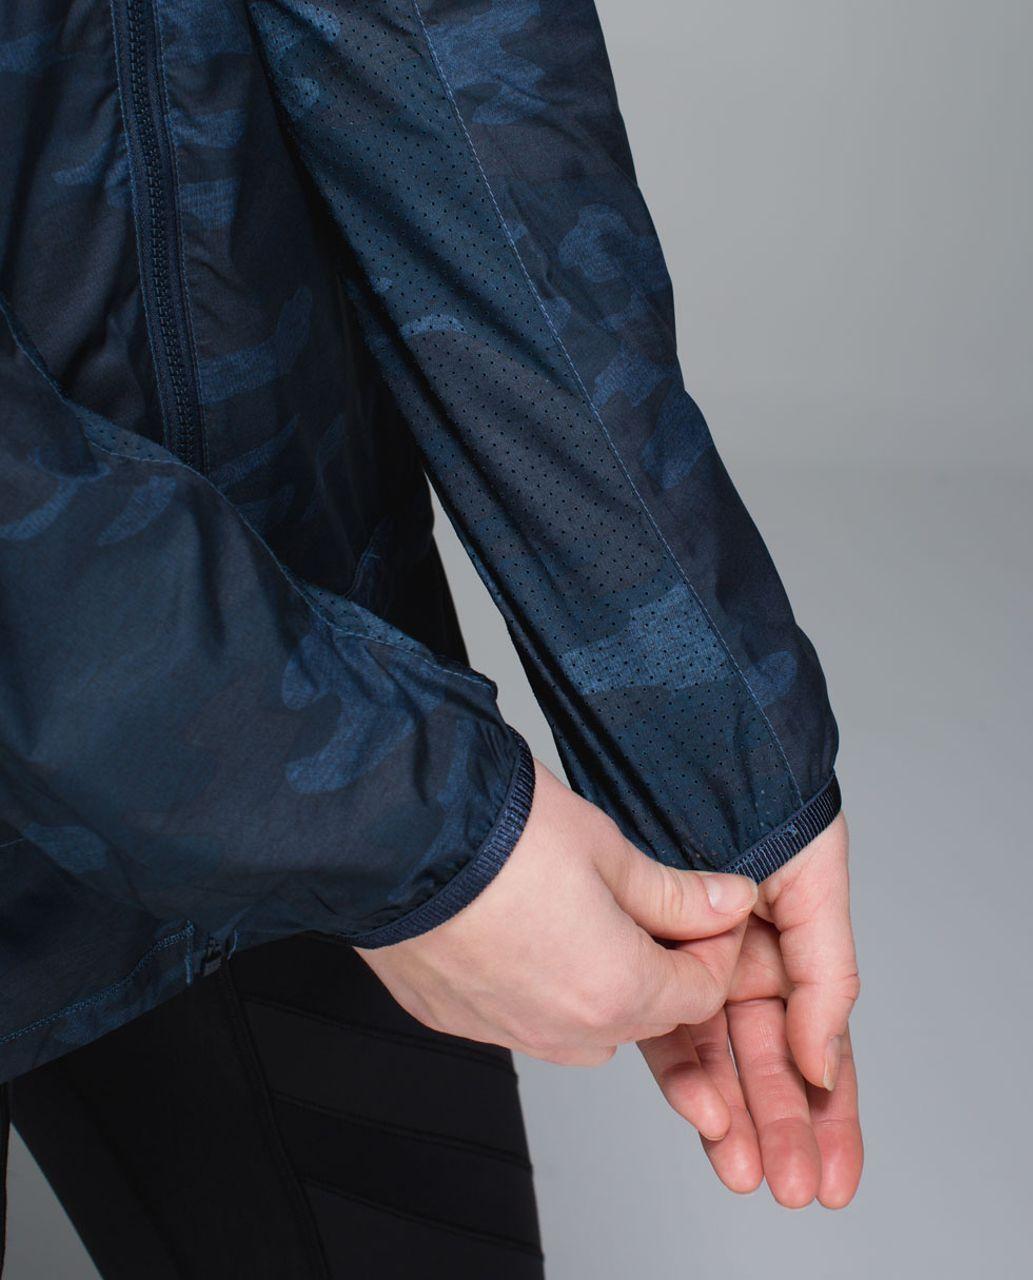 Lululemon Miss Misty Jacket - Heathered Texture Lotus Camo Oil Slick Blue